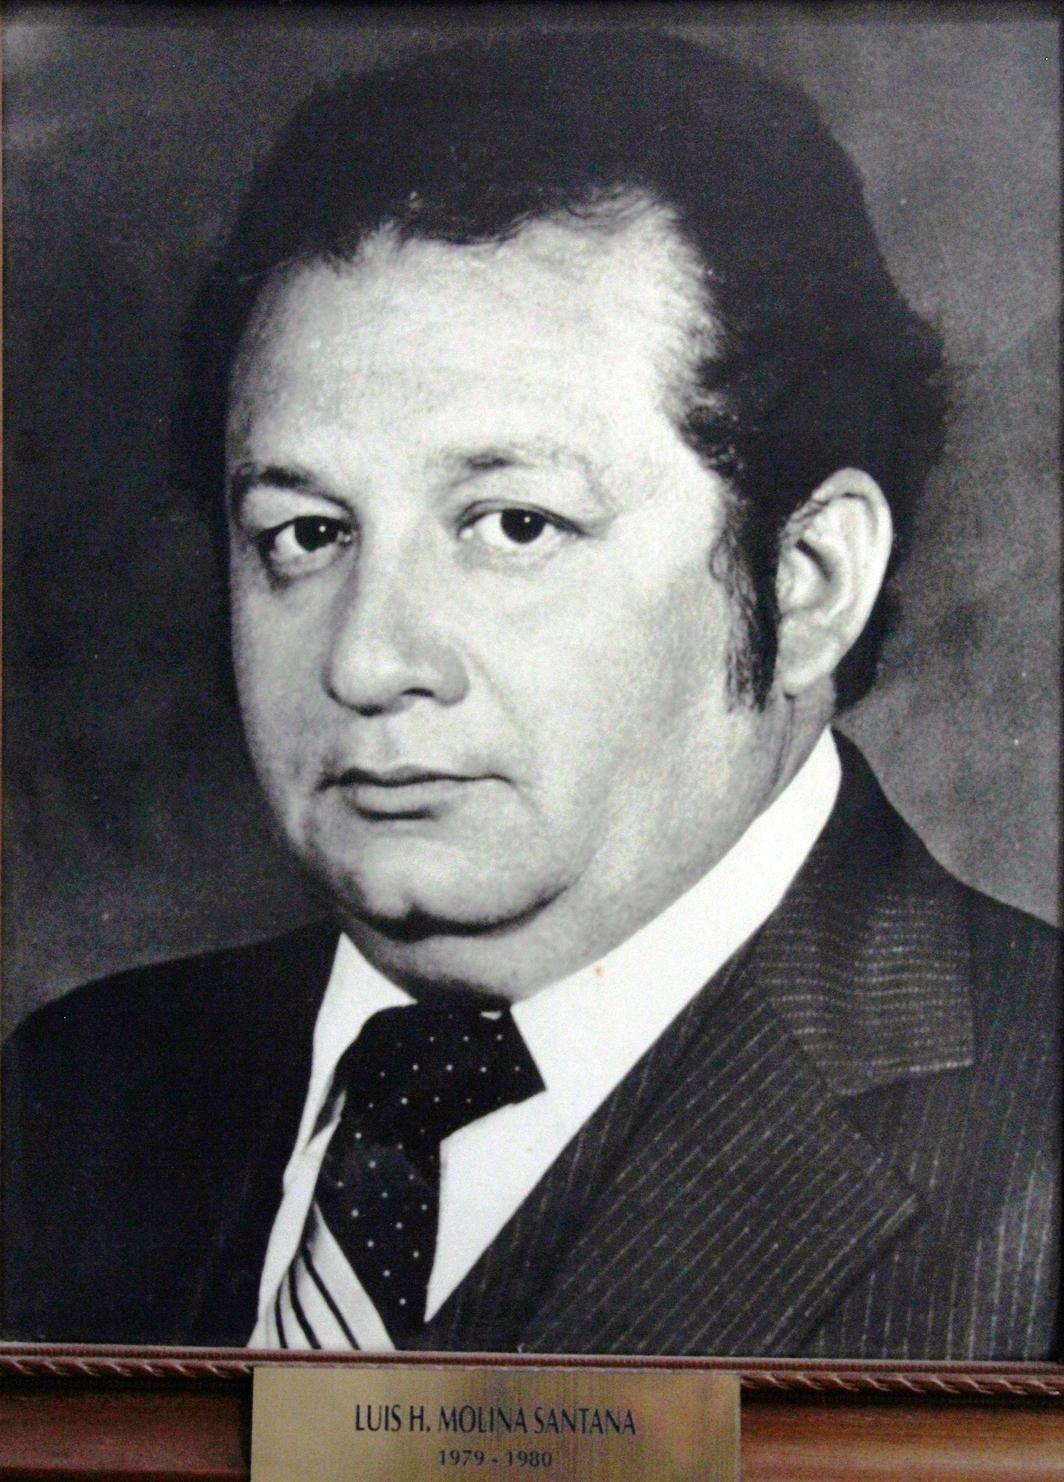 EMPRESARIO DISTINGUIDO SR. LUIS H. MOLINA SANTANA